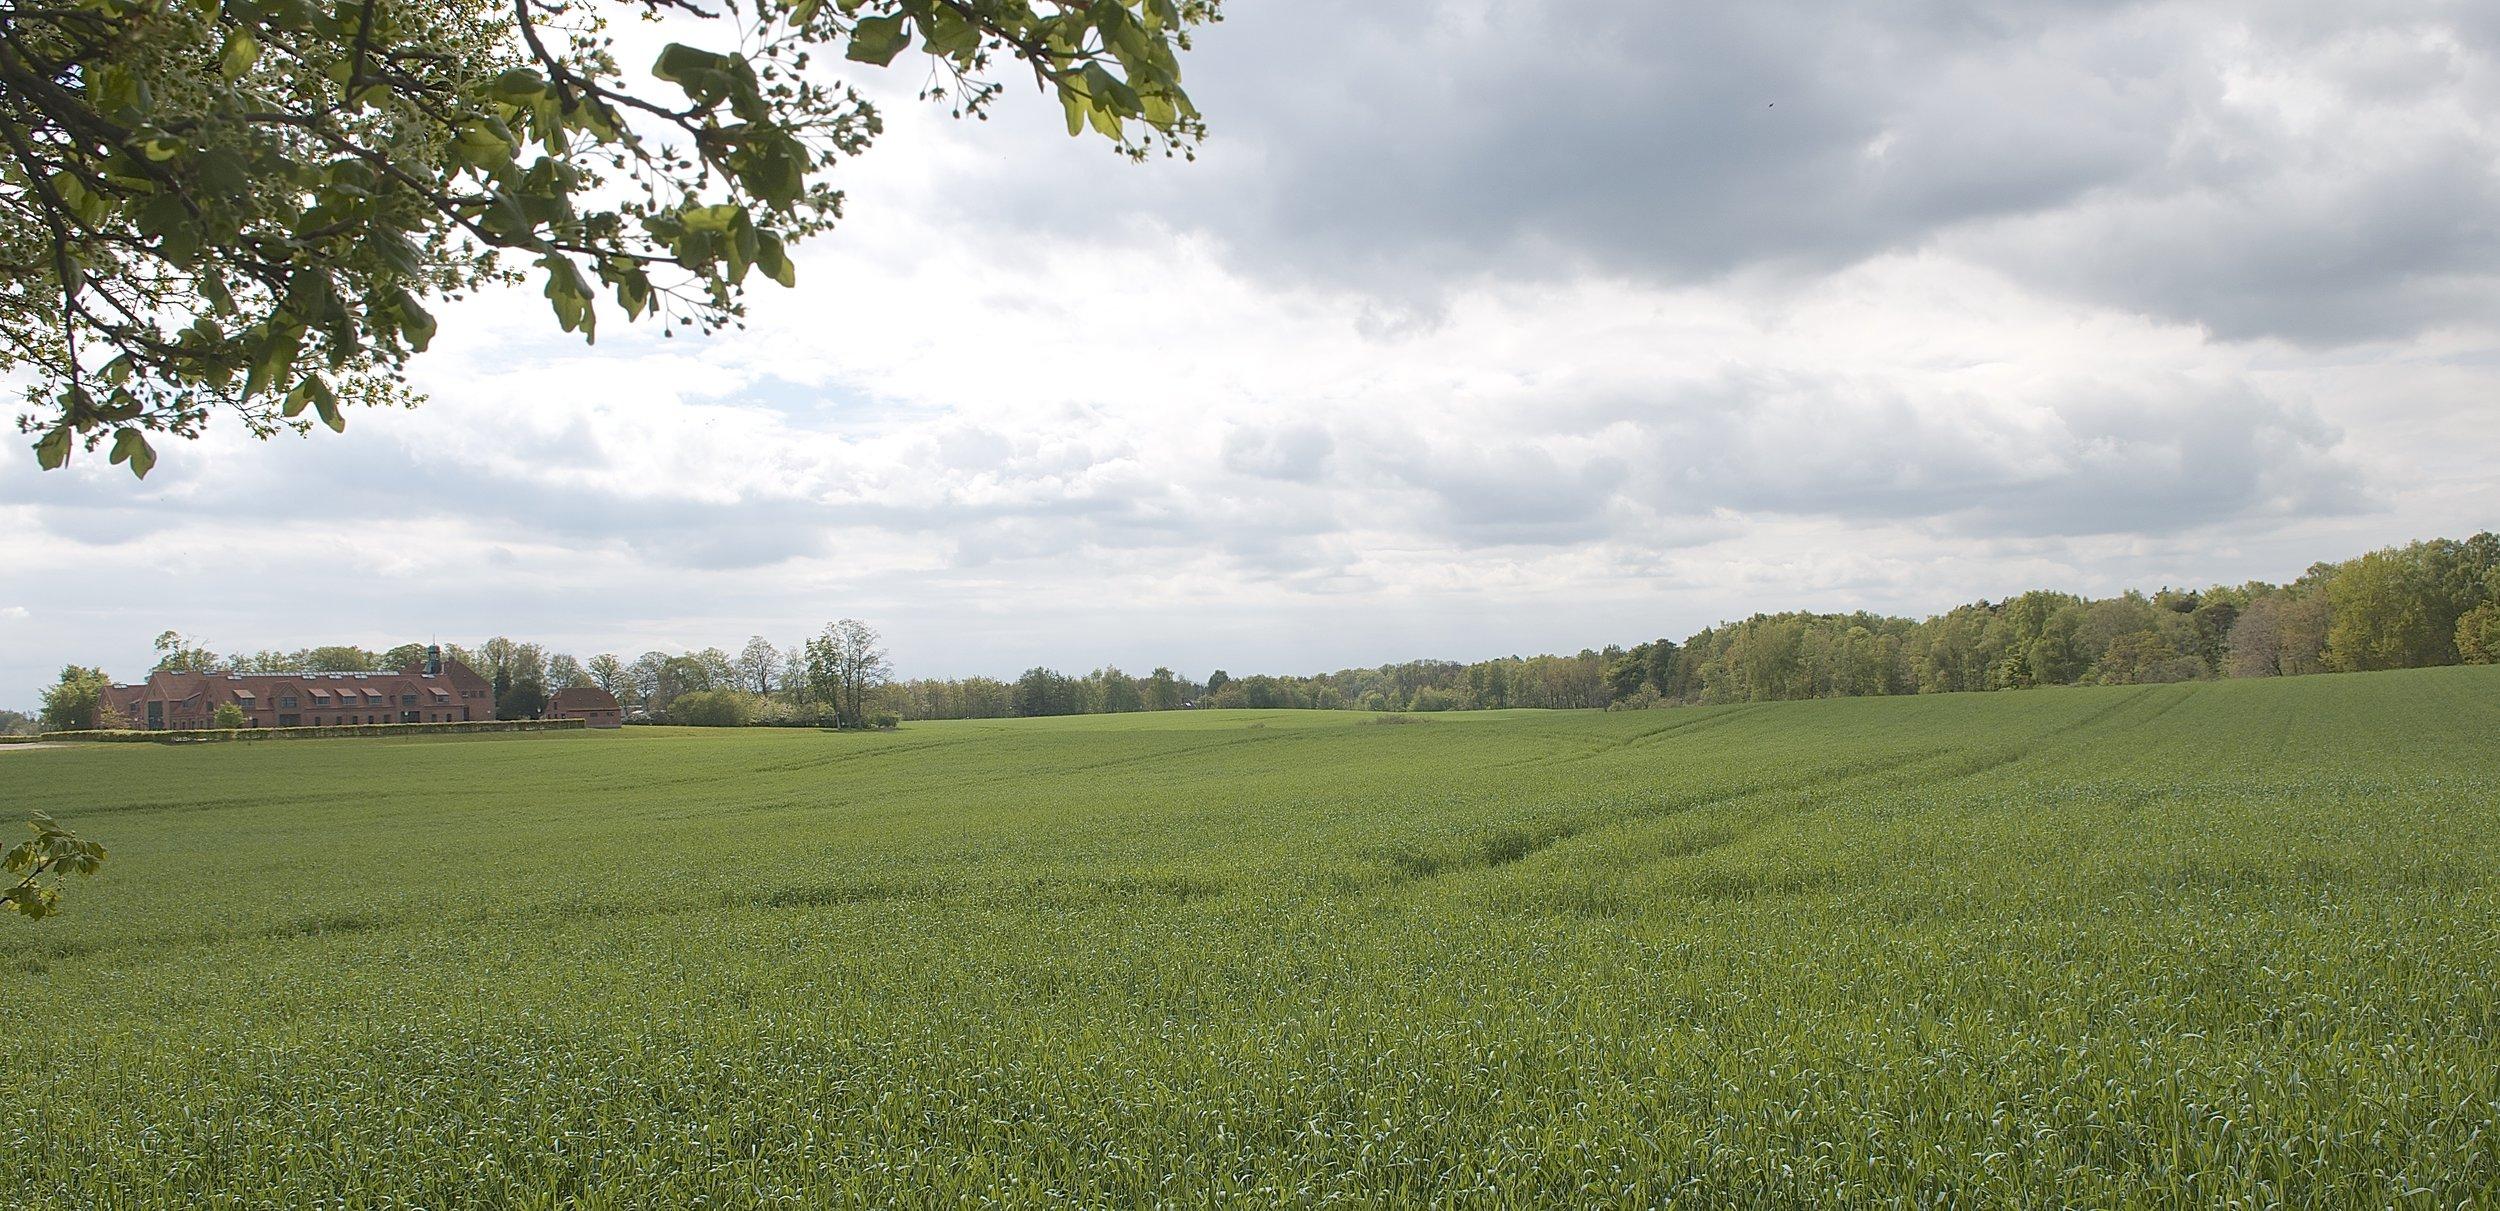 """I området i Blovstrød beliggende vest for Kongevejen mellem Ejnars Sti og Sortemosevej ligger et stort område, også kaldet 'Ny Allerødgårds jorder'.Jørgen Ekstrøm Jakobsen siger: """"En fin vision kunne være at skabe et halvåbent varieret naturlandskab. Det ville kunne trække natur og skov helt op til Blovstrød og dermed blive bynær natur."""" Foto: AOB"""